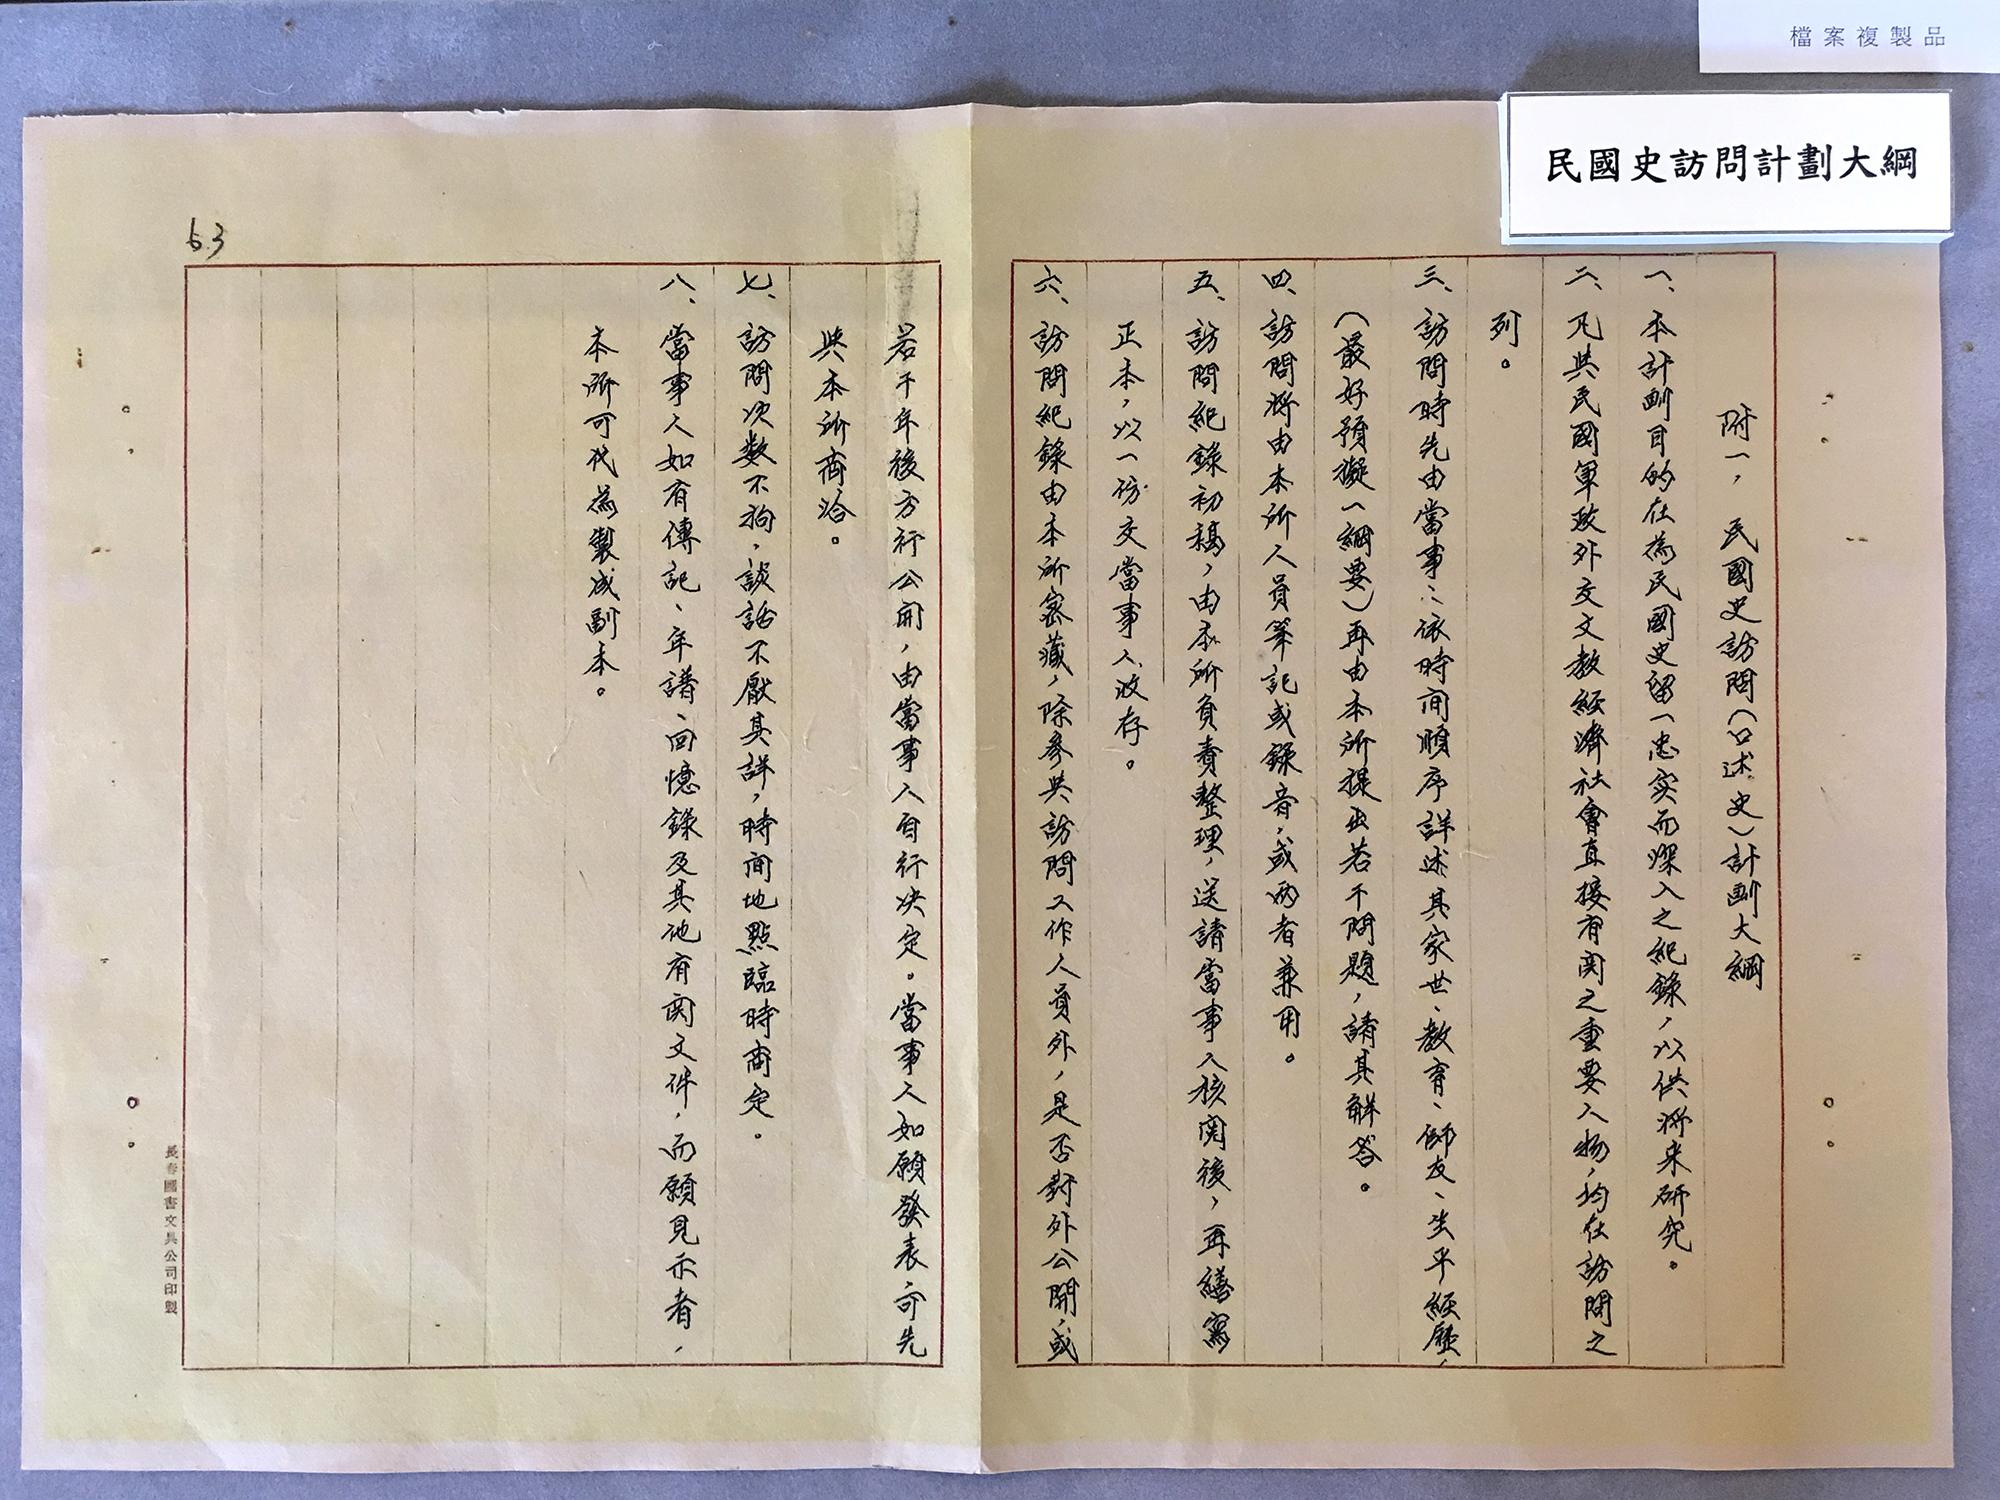 民國 48 年,中研院近史所籌備處展開「口述歷史」計畫,這是當時的「民國史訪問計劃大綱」文件。 攝影│張語辰